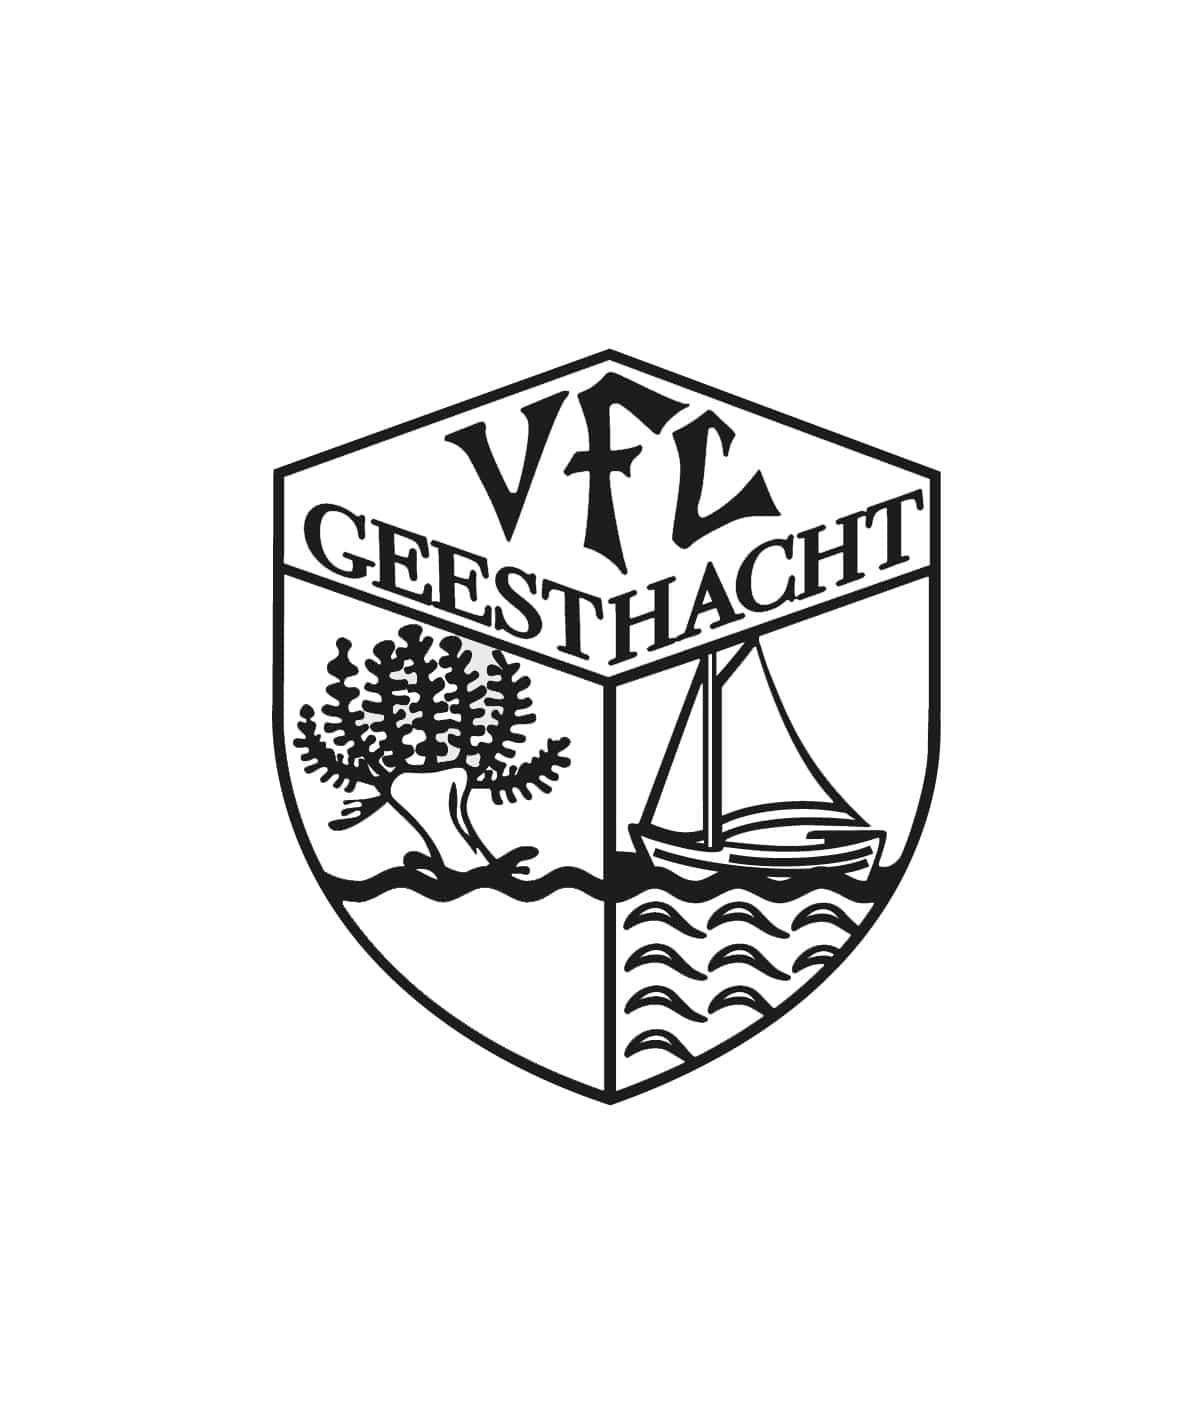 https://vfl-geesthacht.de/wp-content/uploads/2020/07/VfL-Geesthacht_Wappen_sw.jpg